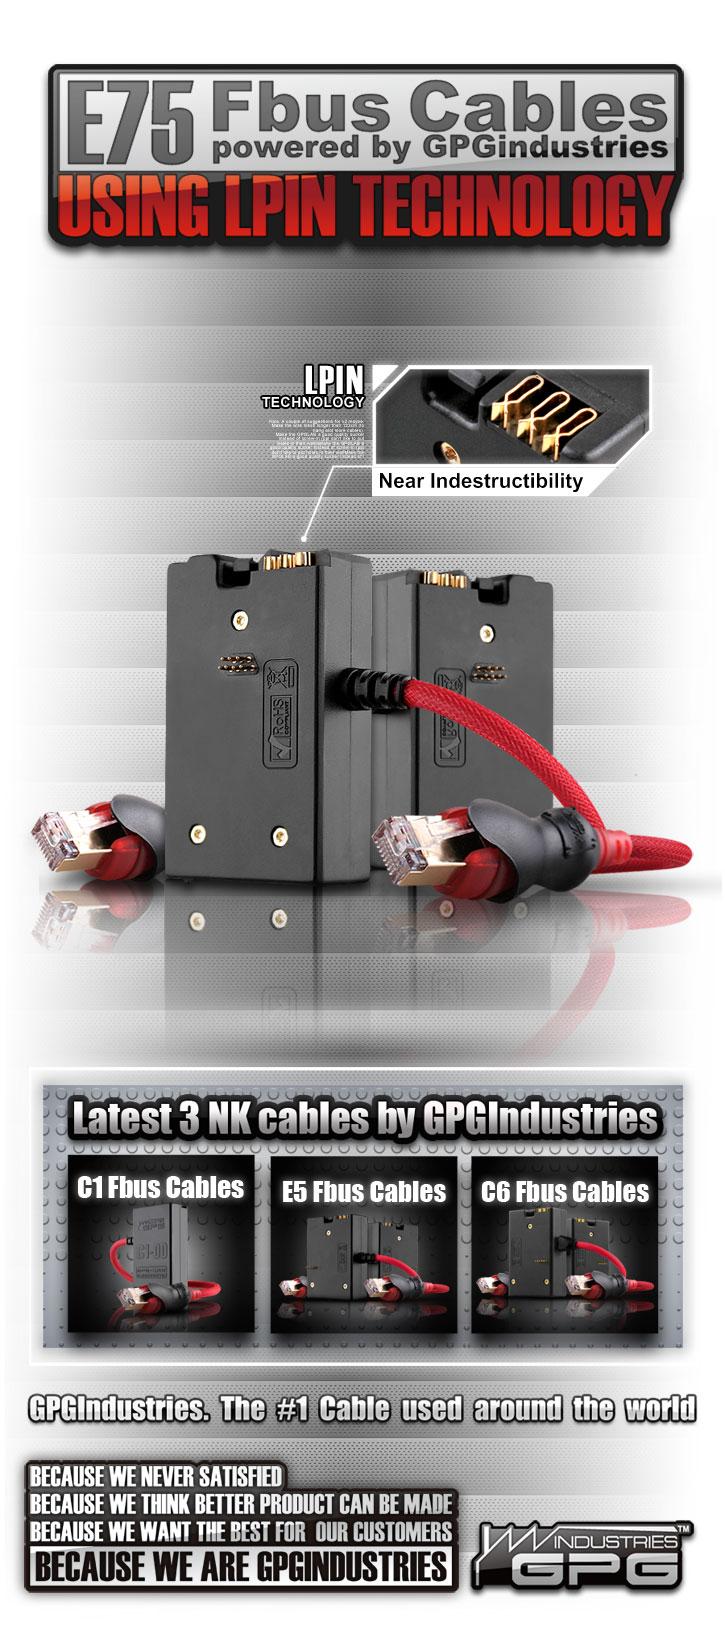 2010 09 01 E75 fbus Cable 725